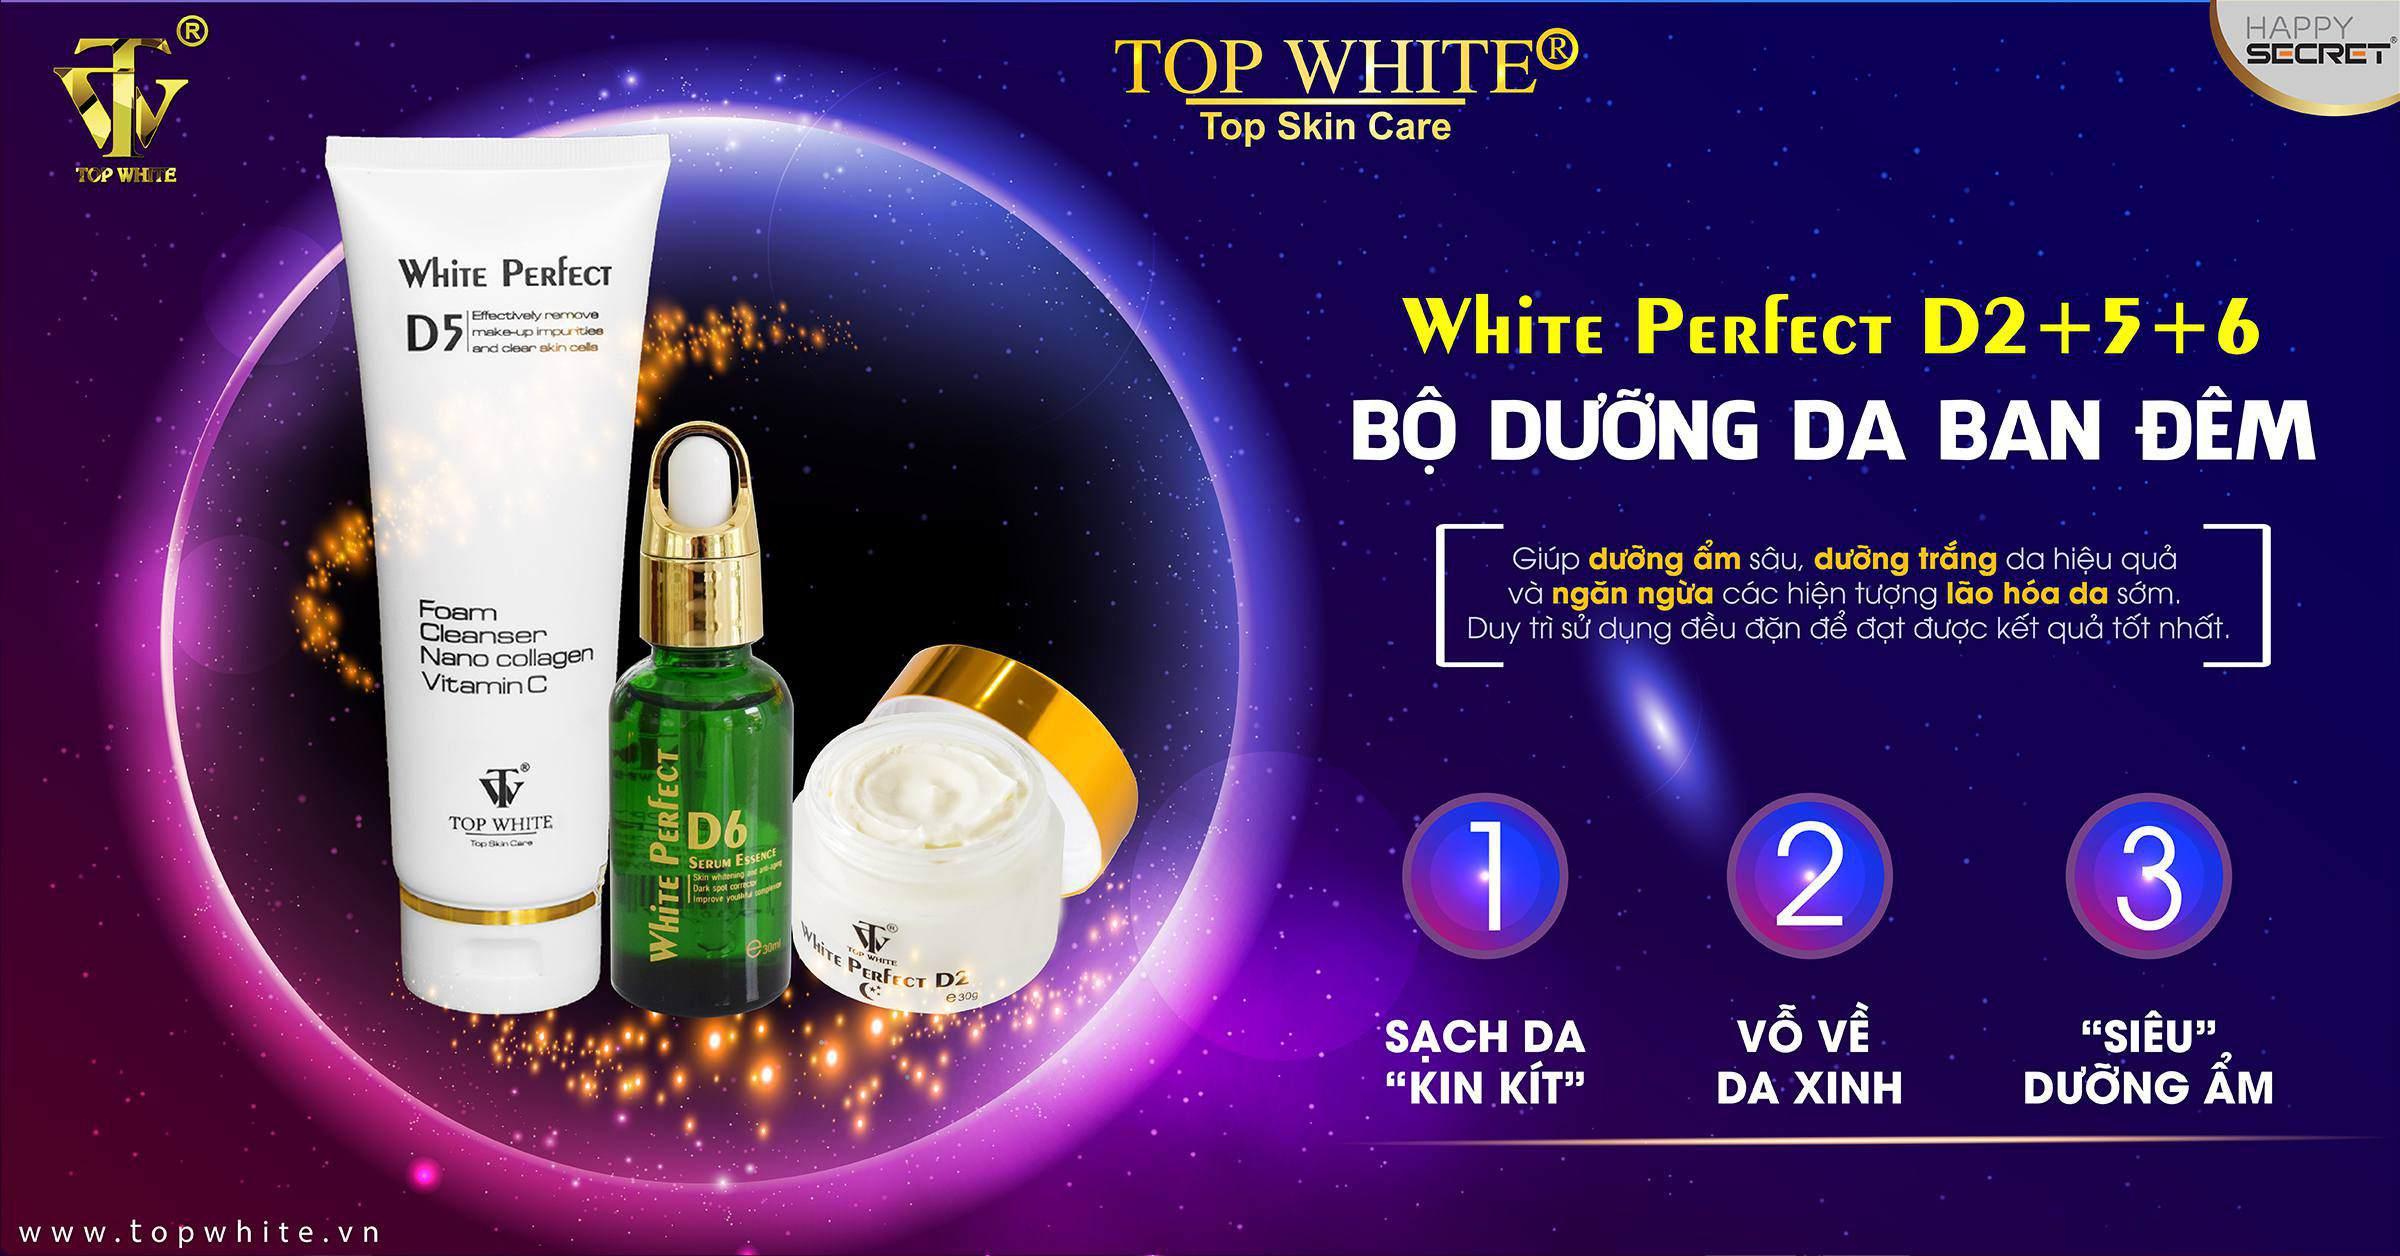 top white d2 d5 d6 kem trắng da